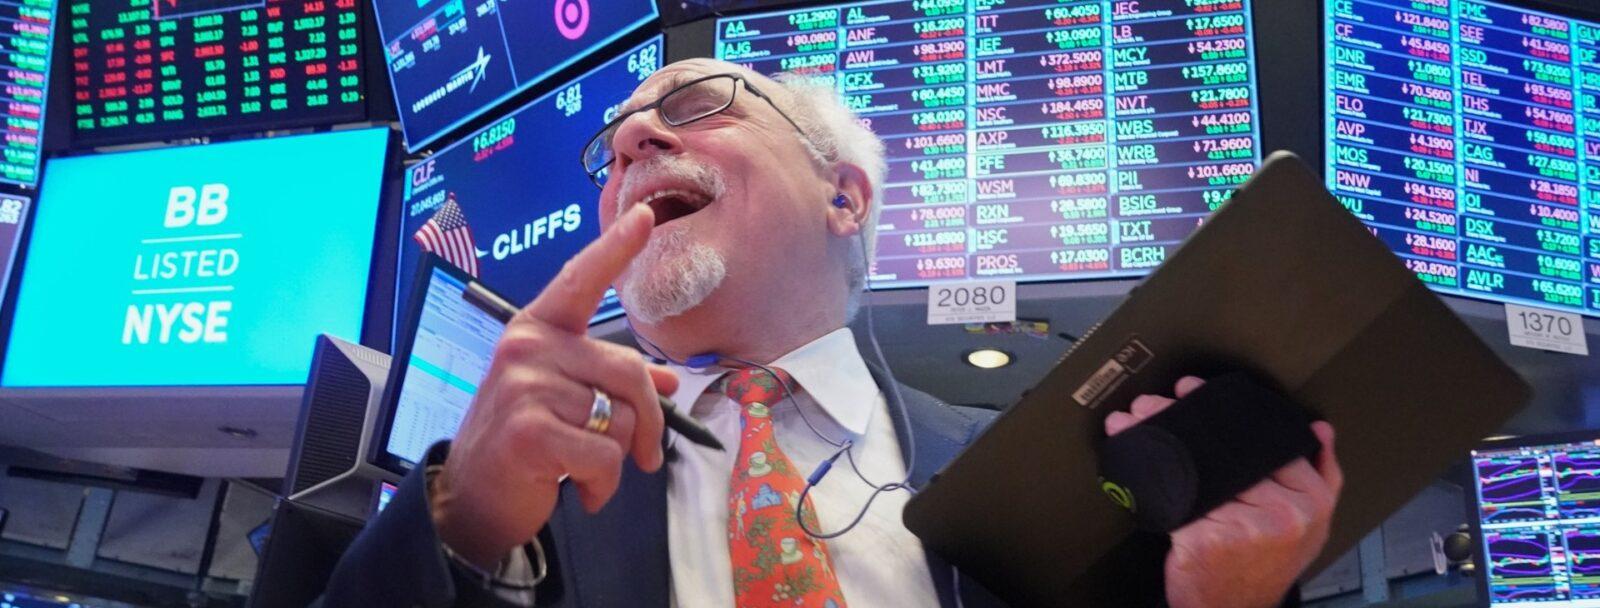 О динамике саморазрушения мировой финансовой системы